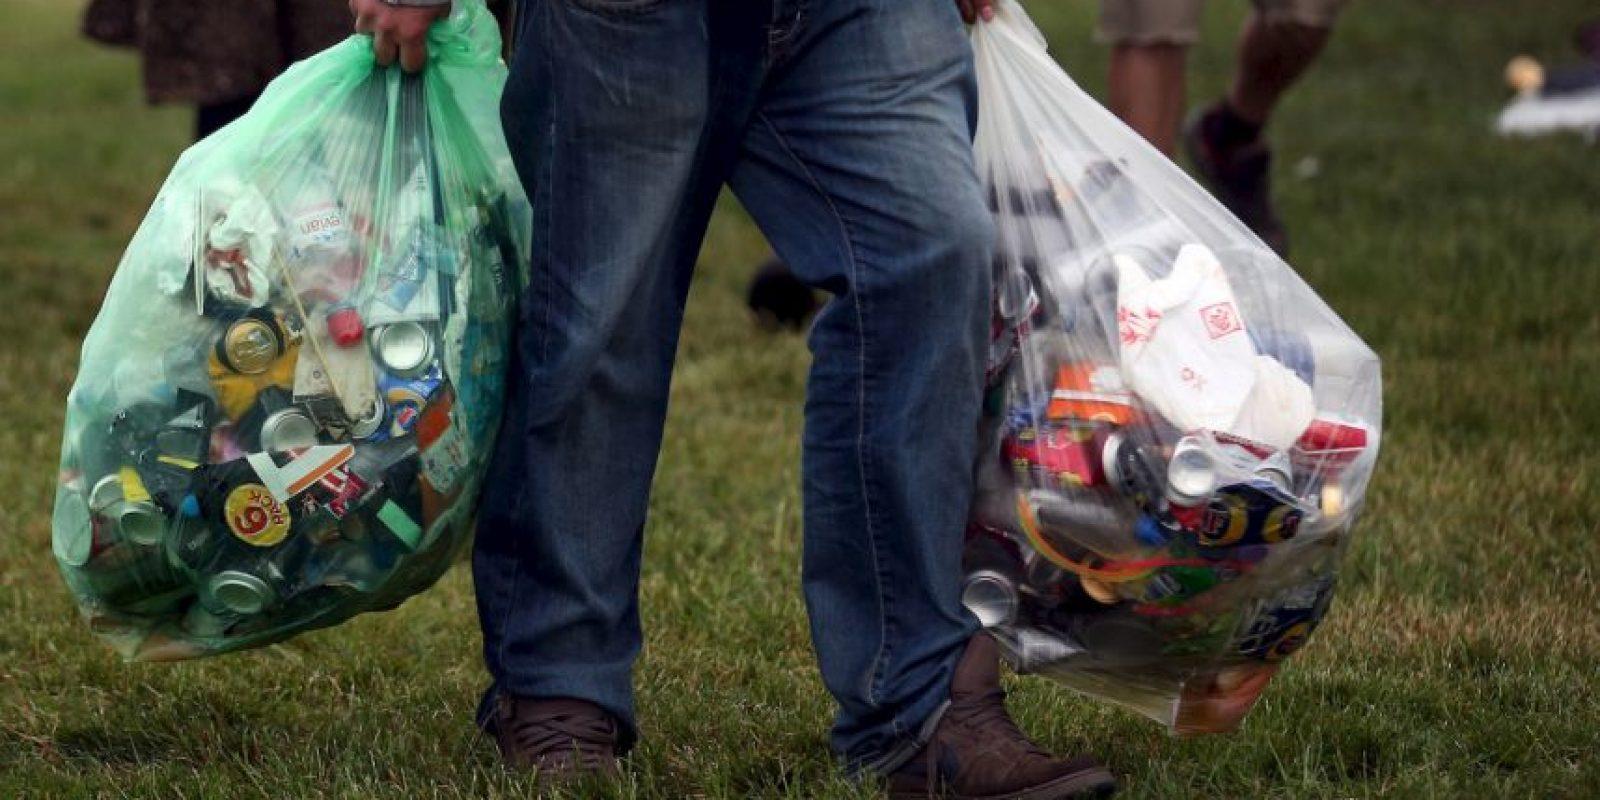 La primera vez que se sorprenda a alguien lanzando basura recibirá una multa, la segunda vez será colocado el anuncio. Foto:Getty Images